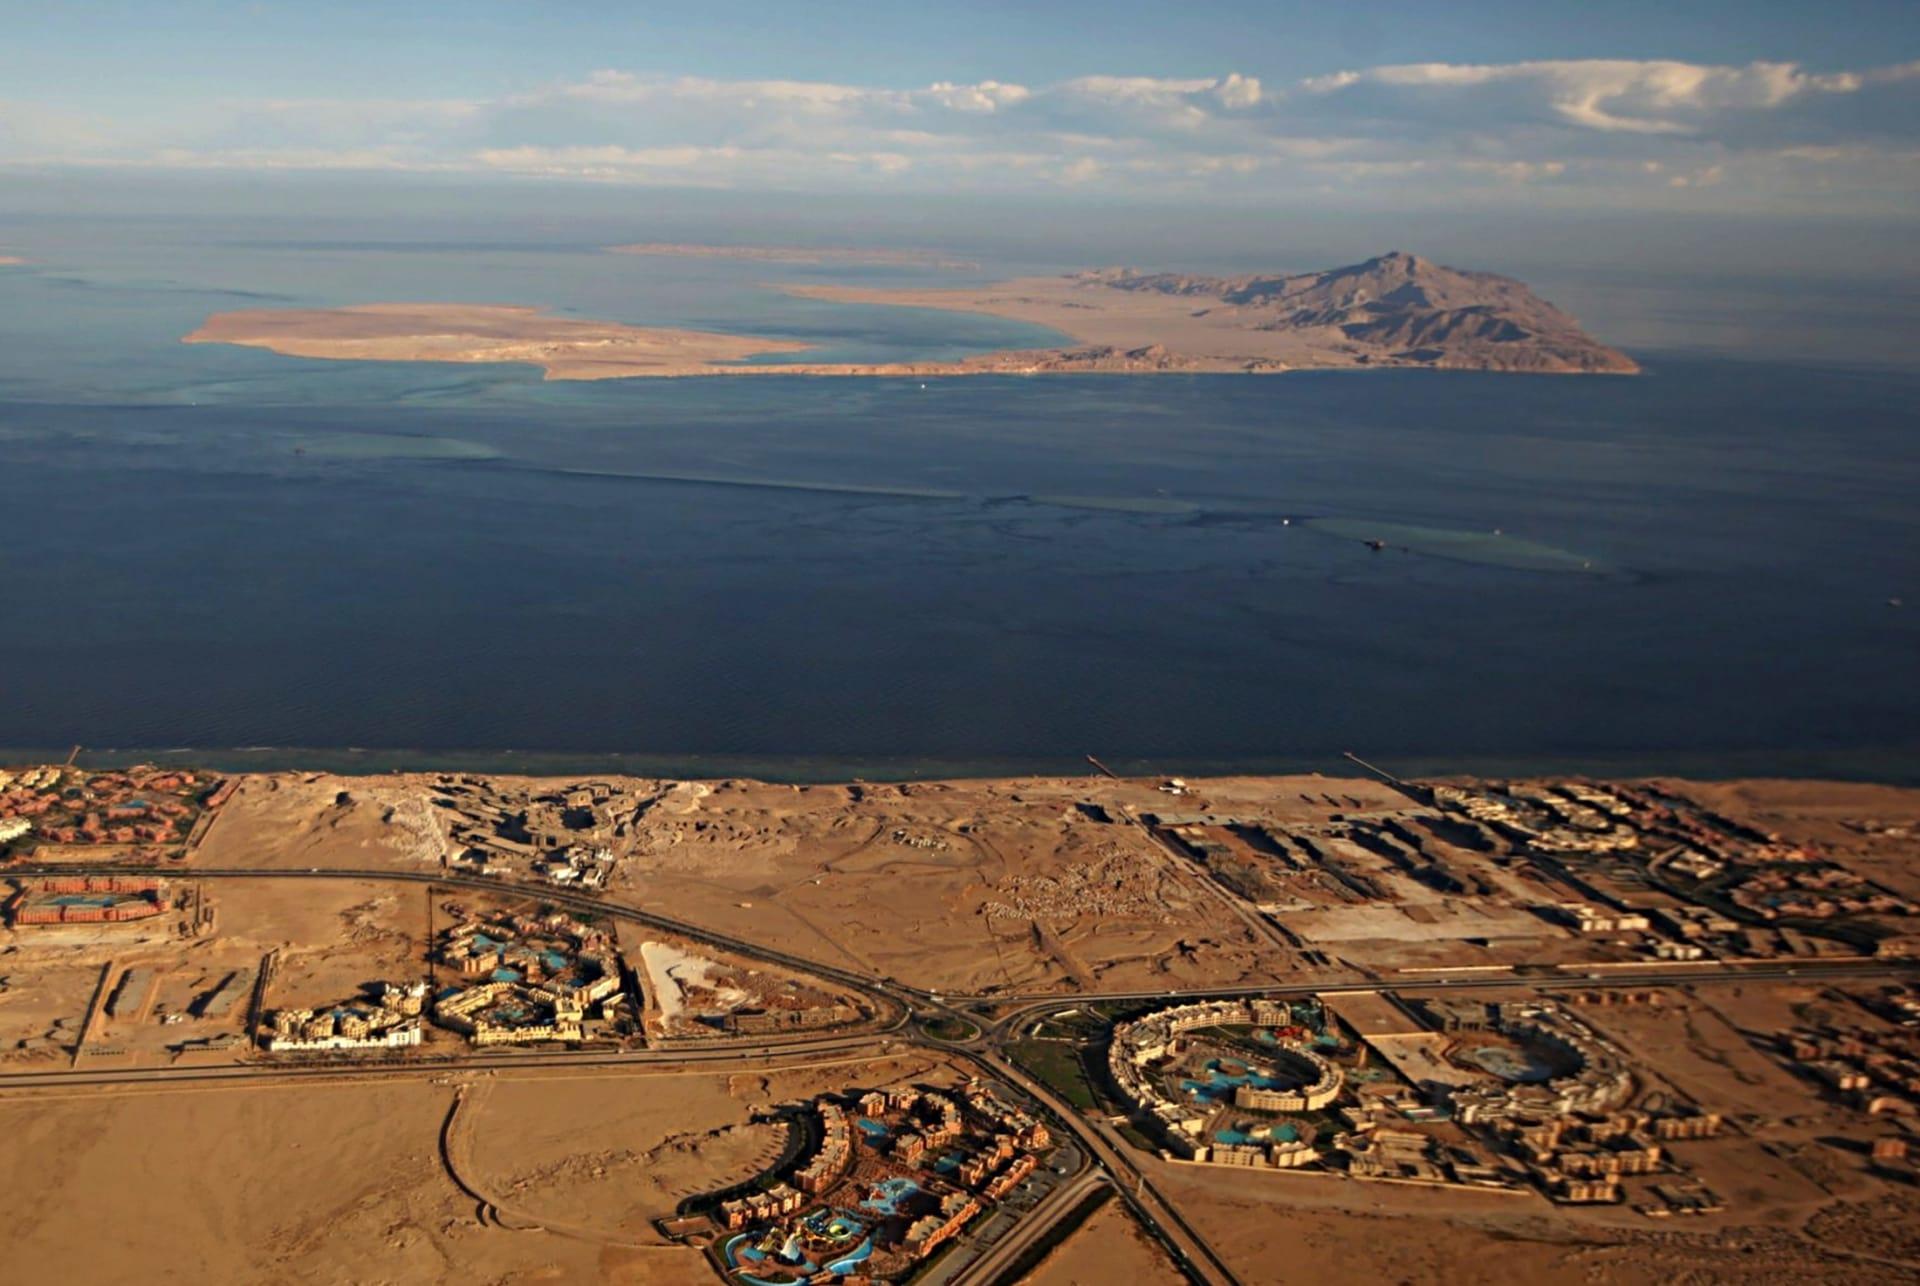 السعودية تكتشف الغاز بالبحر الأحمر.. والسيسي يوجه بطرح أول مزايدة تنقيب